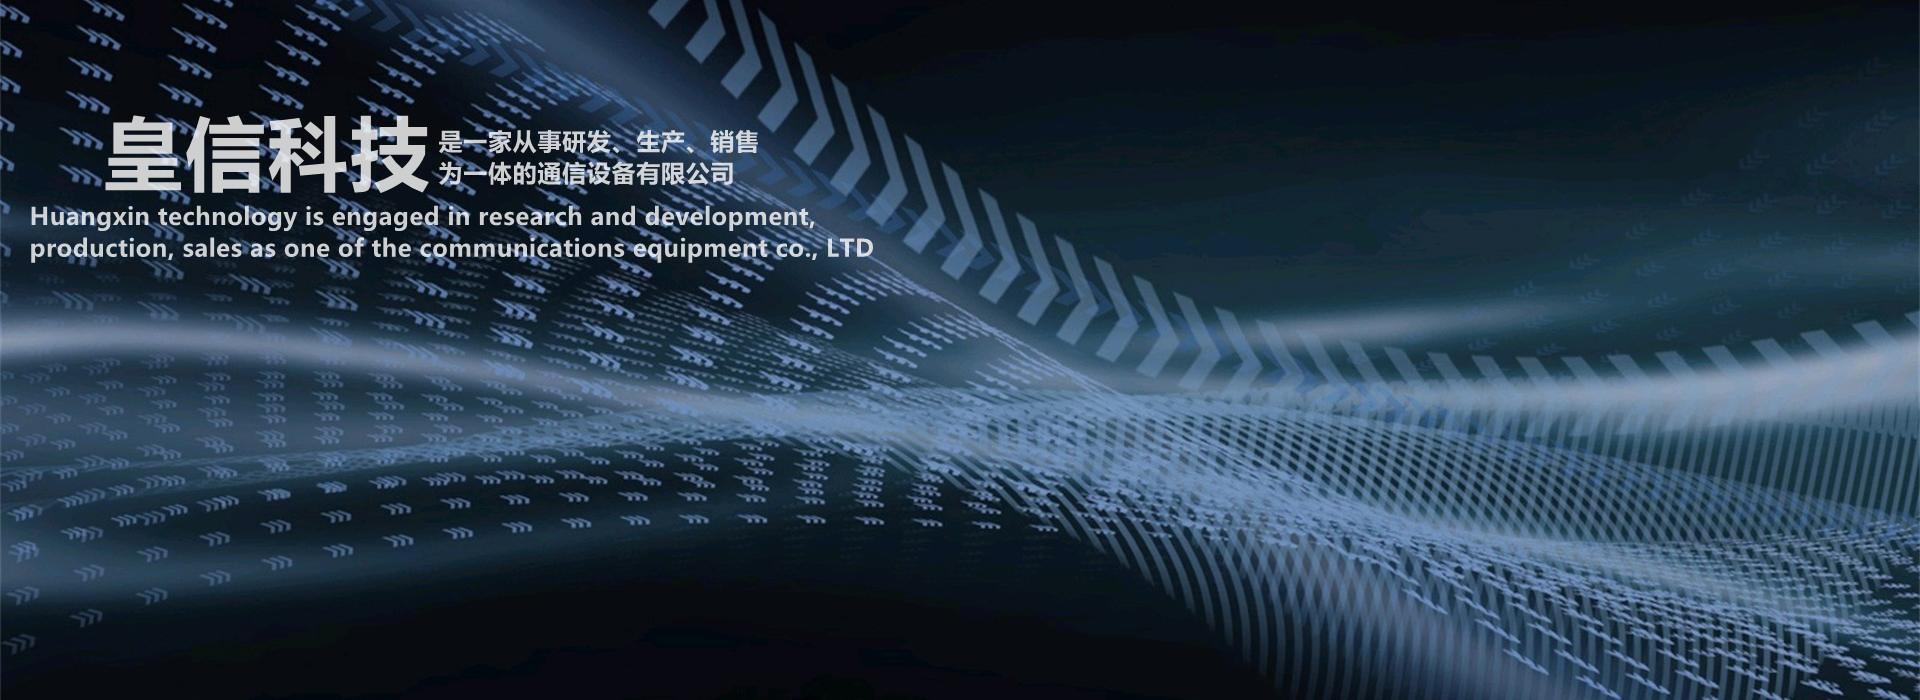 宁波皇信科技